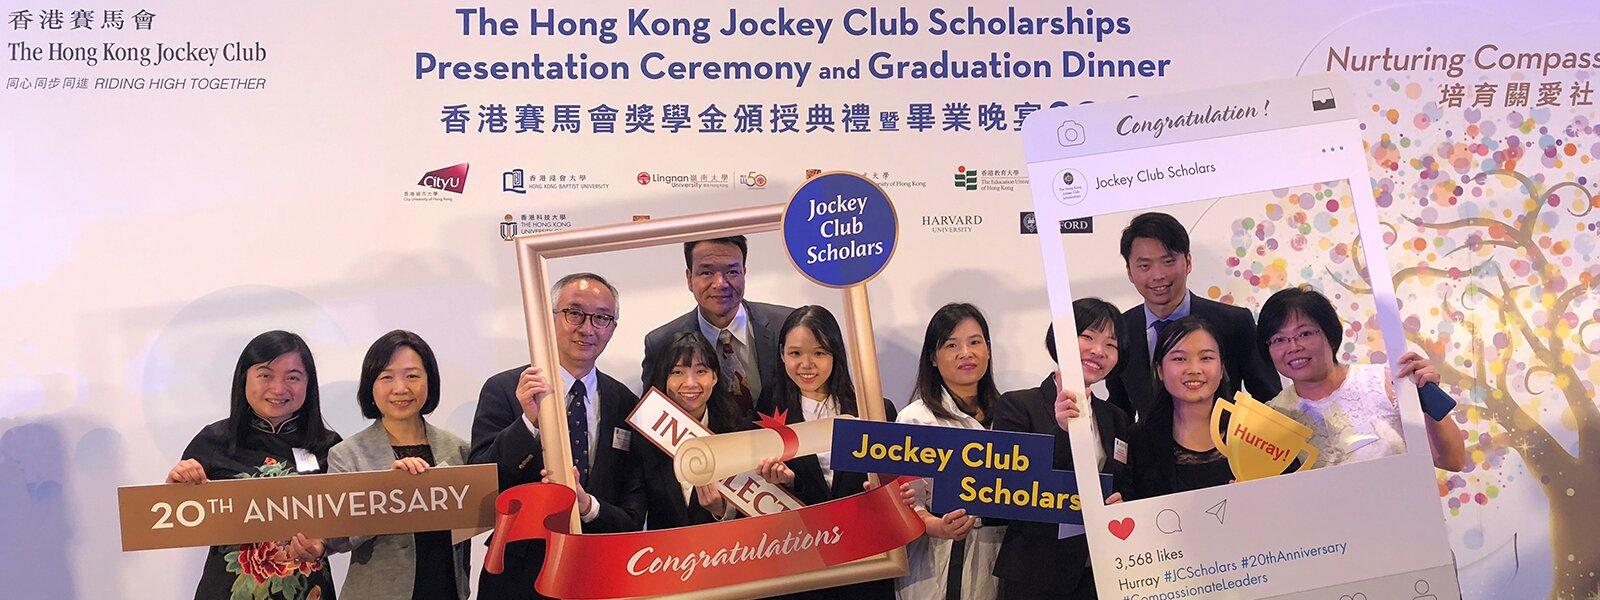 傑出學生獲香港賽馬會獎學金